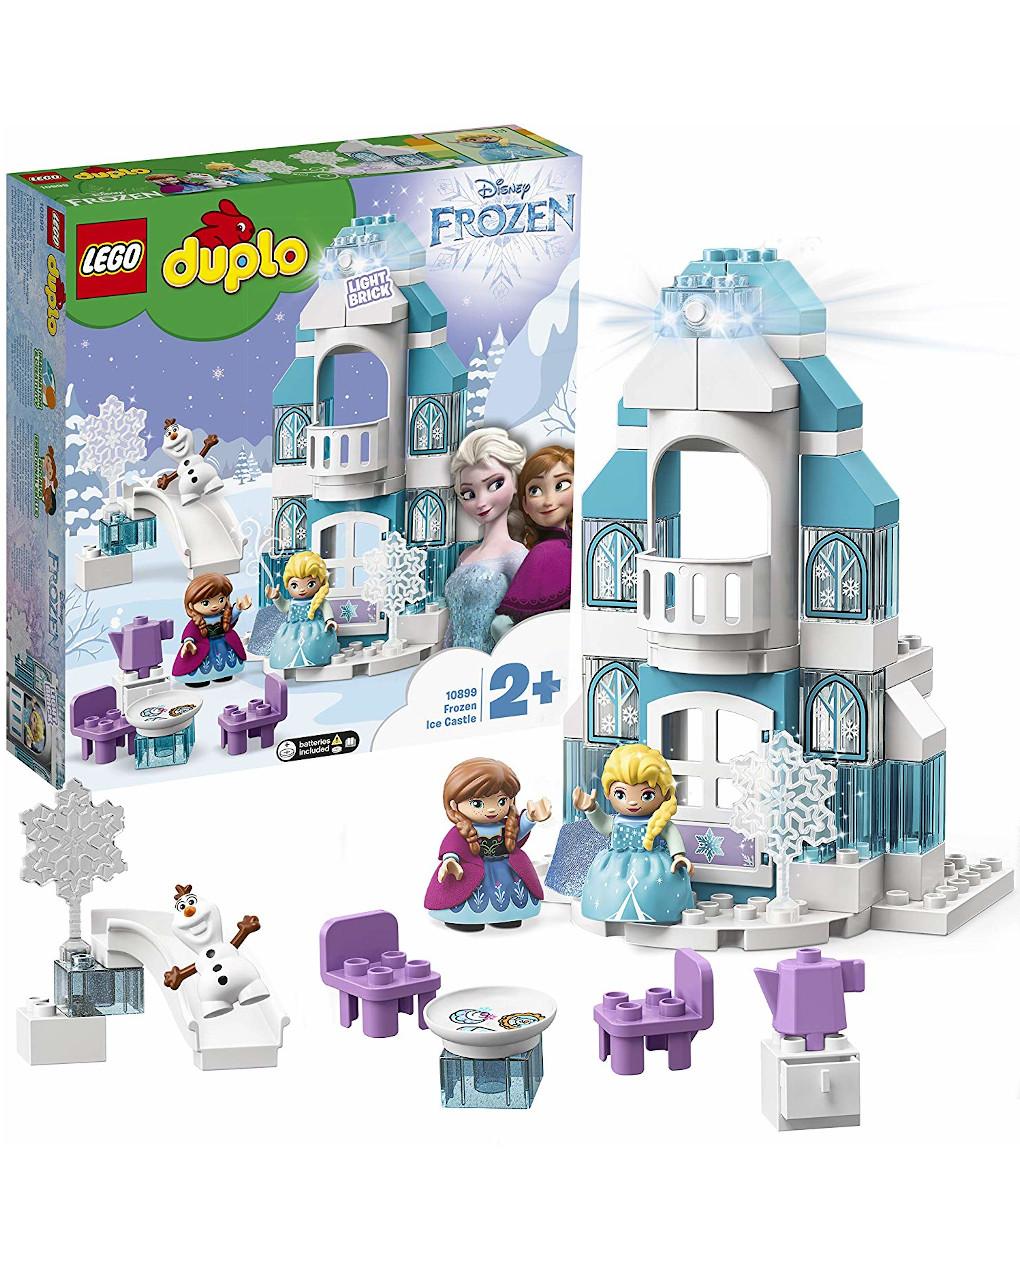 Duplo - castelo de gelo congelado - 10899 - LEGO Duplo